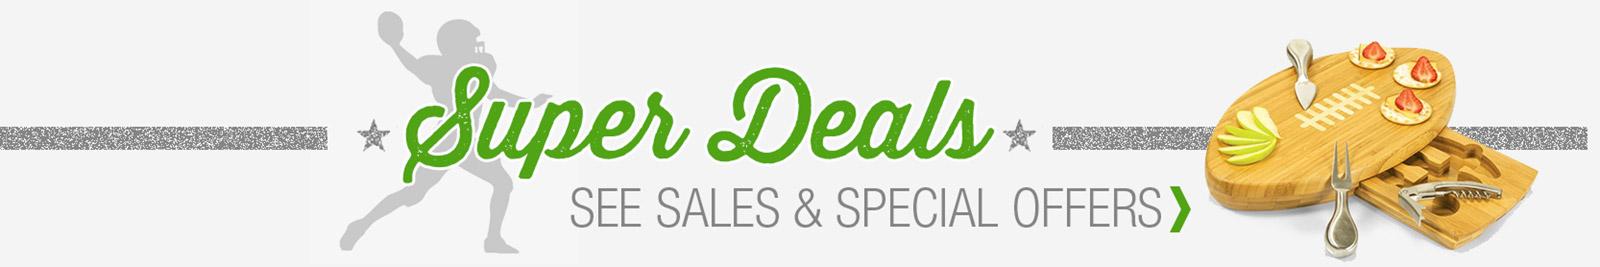 Super Deals Sales and Specials